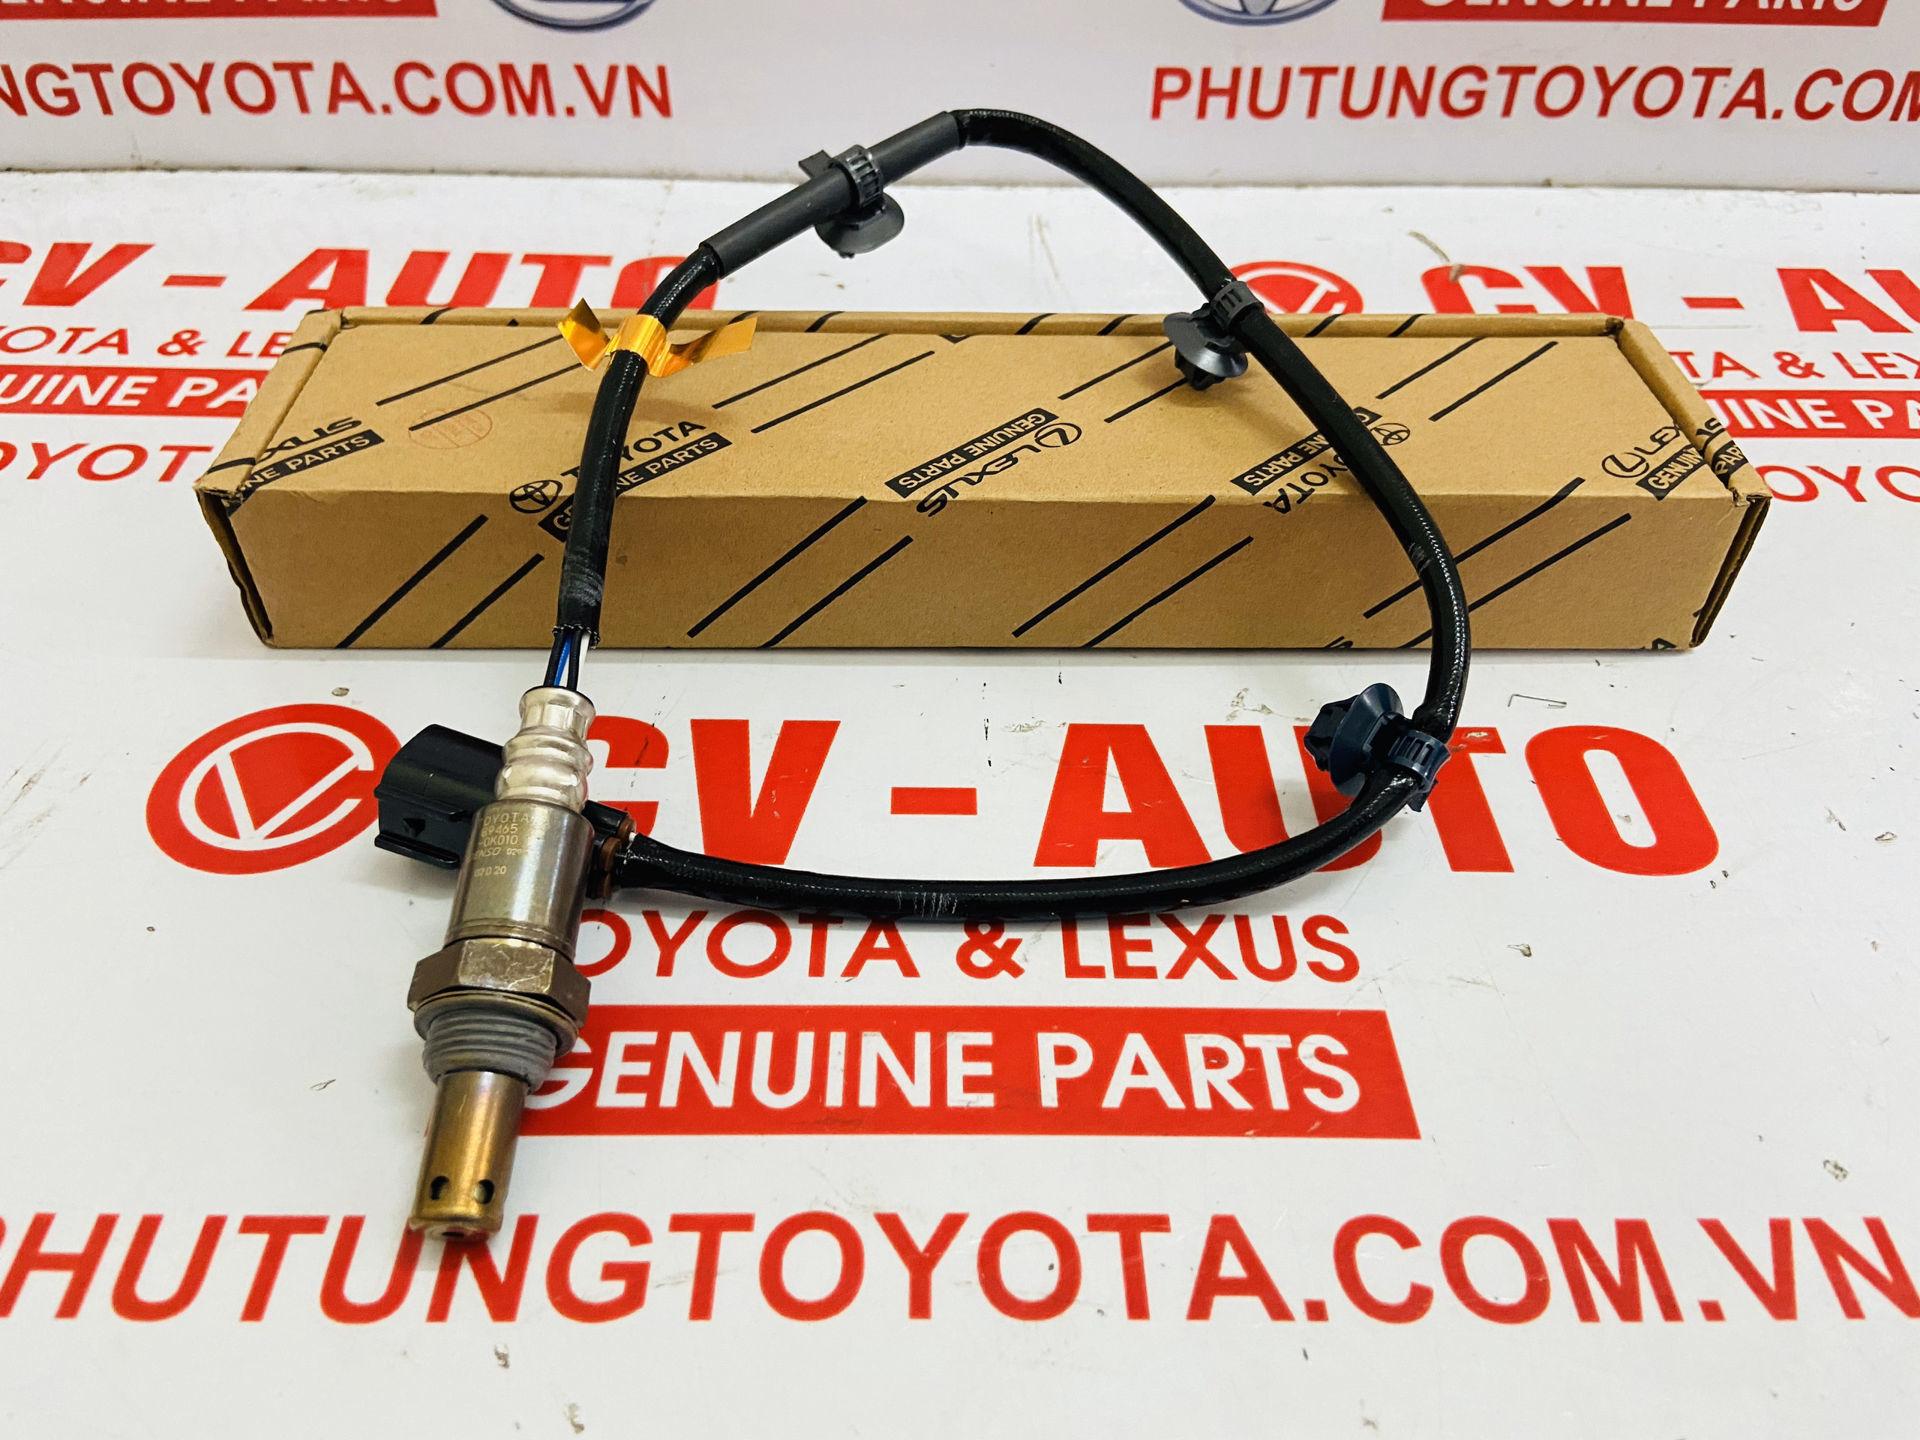 Picture of 89465-0K010, 894650K010 Cảm biến Ô xy khí xả Toyota Innova Fortuner chính hãng